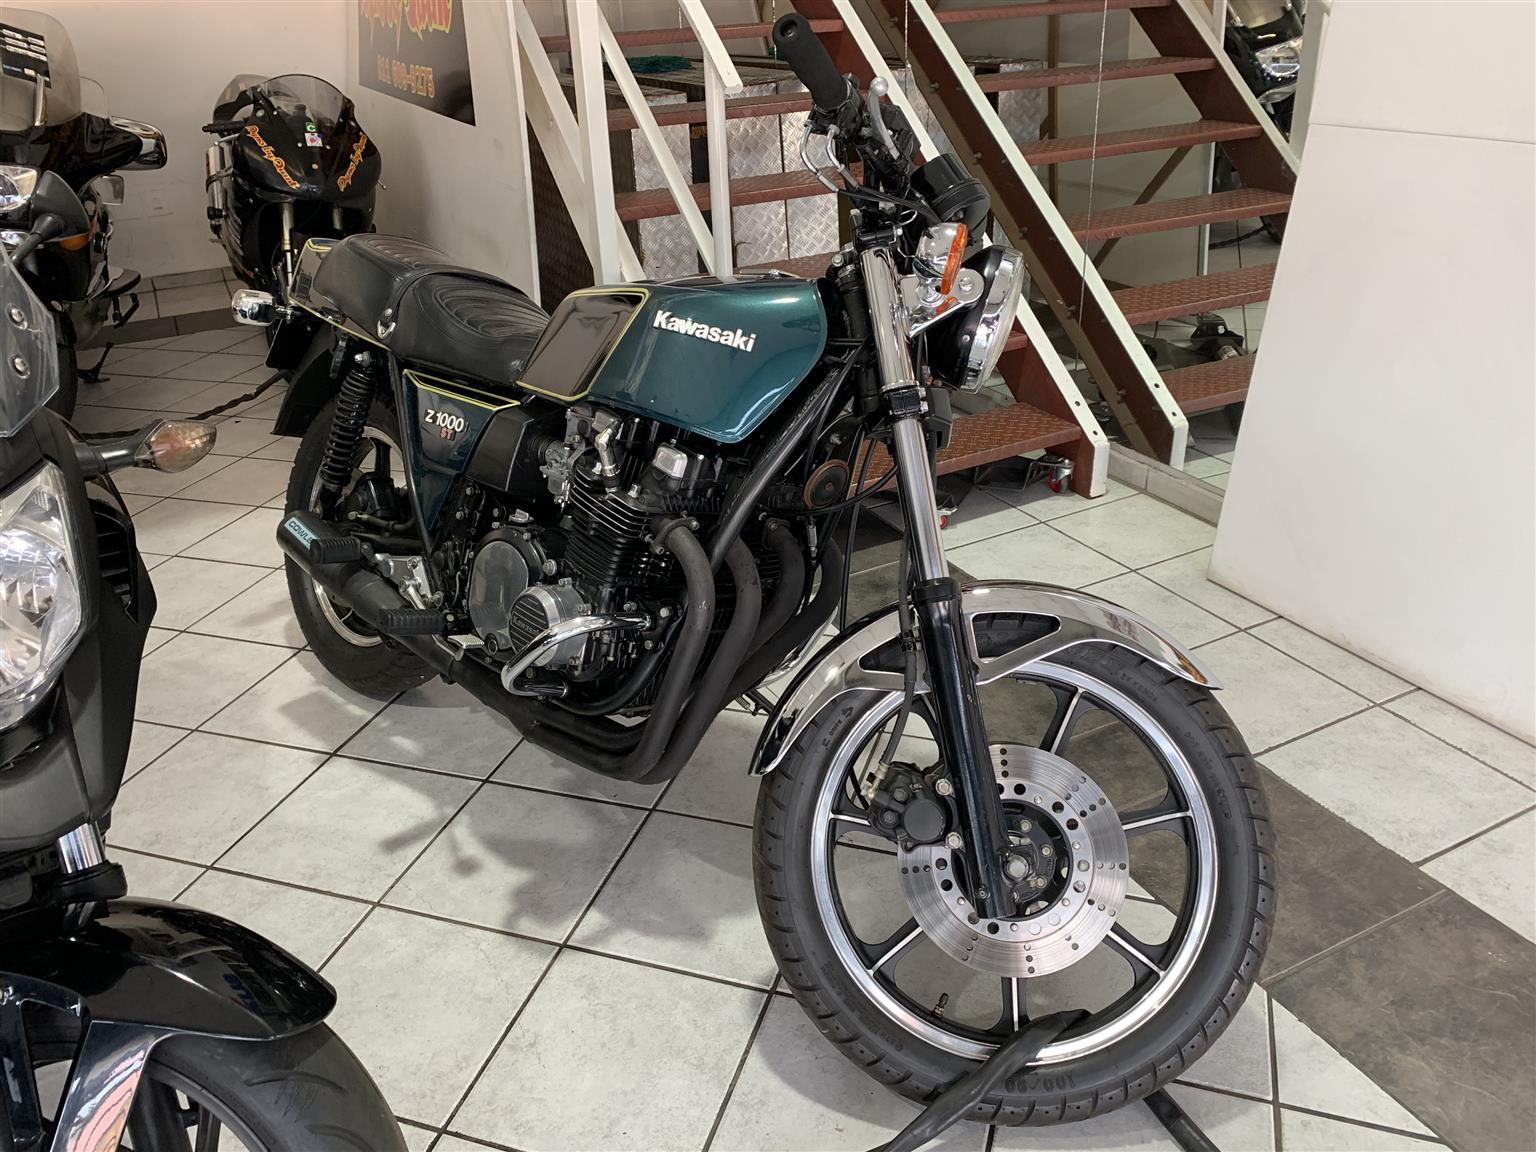 1980 Kawasaki Z1000